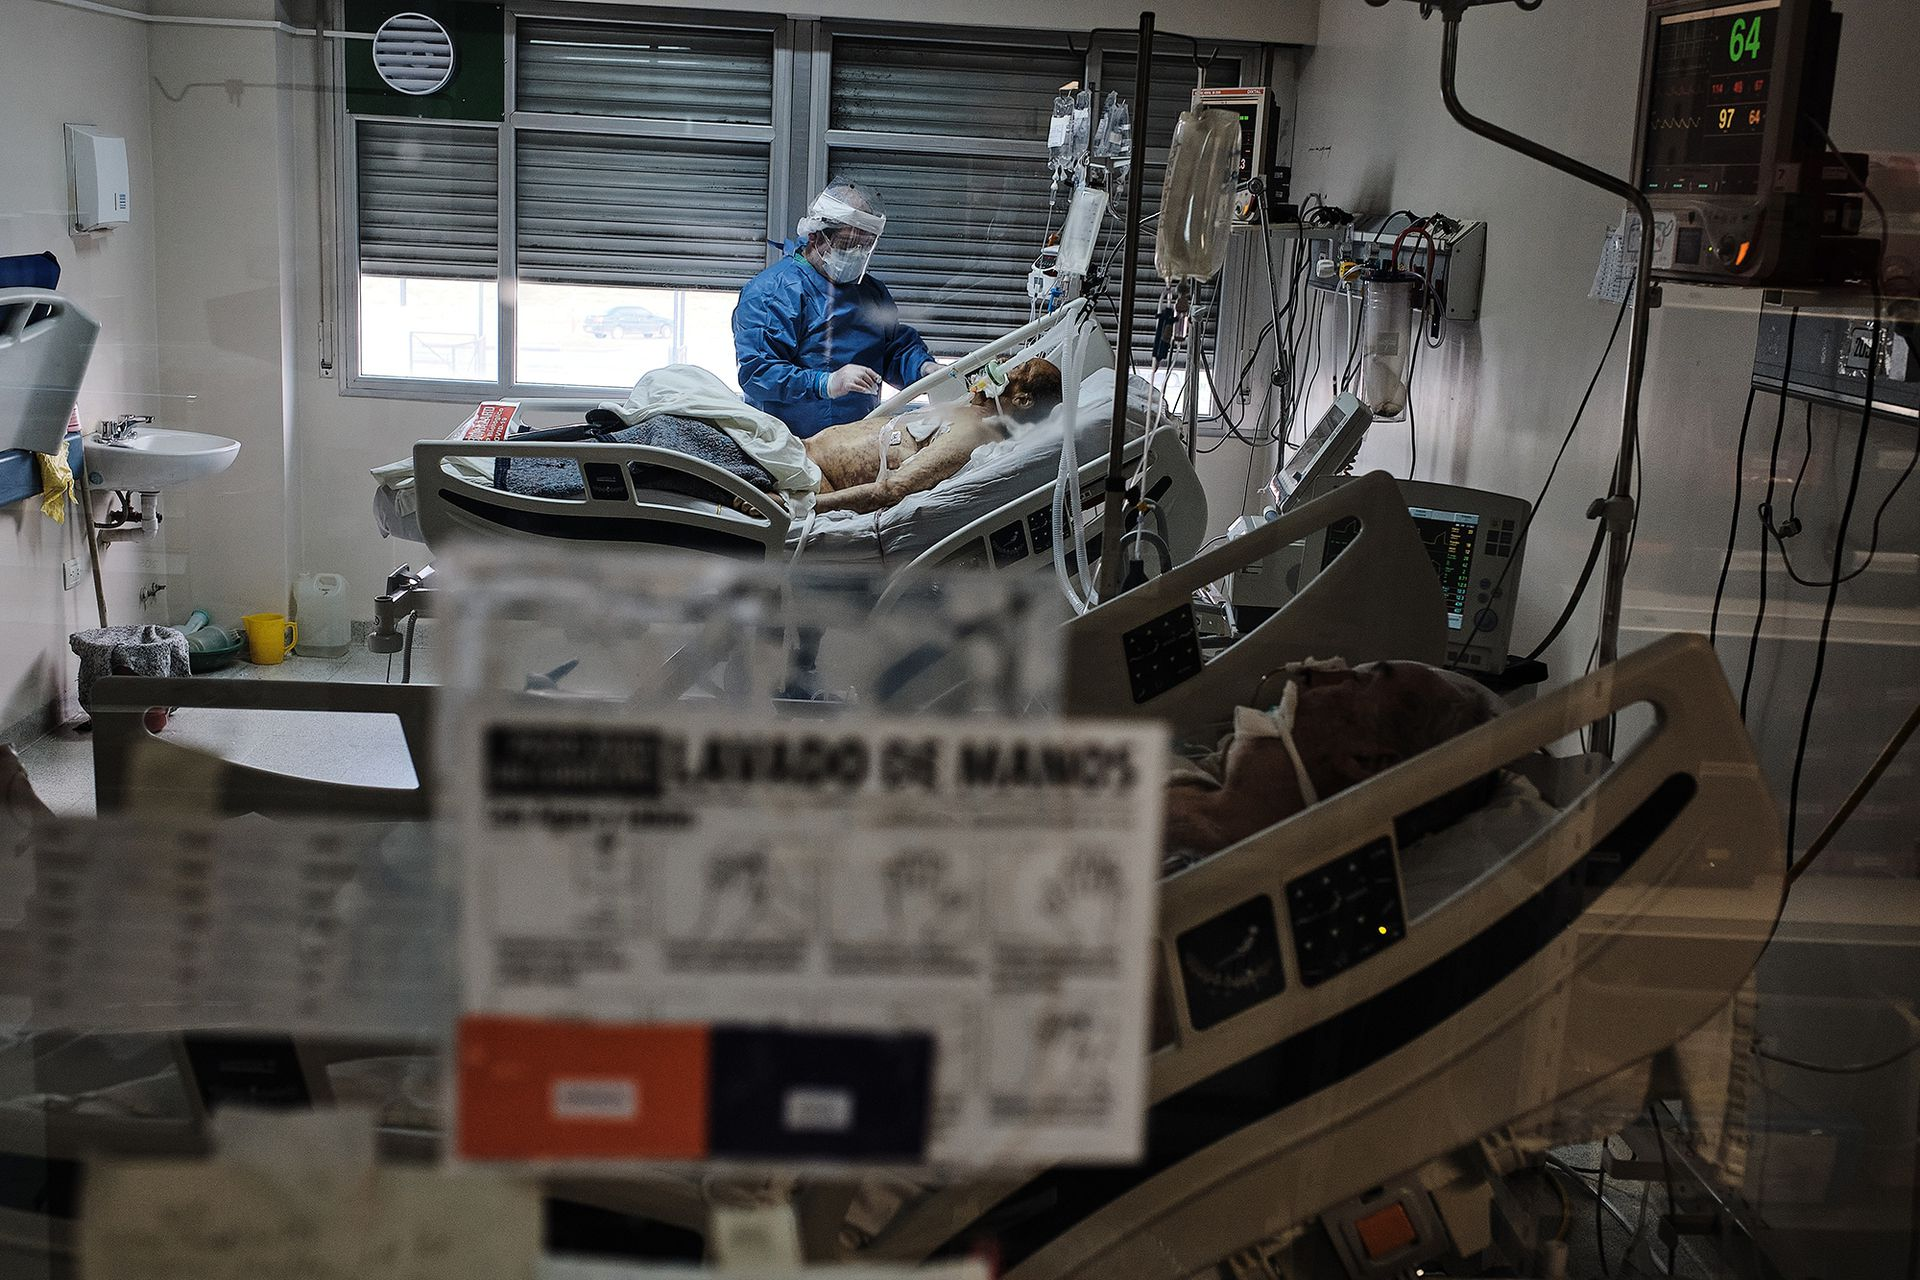 Un enfermero atiende un paciente intubado en una de las salas del hospital Balestrini